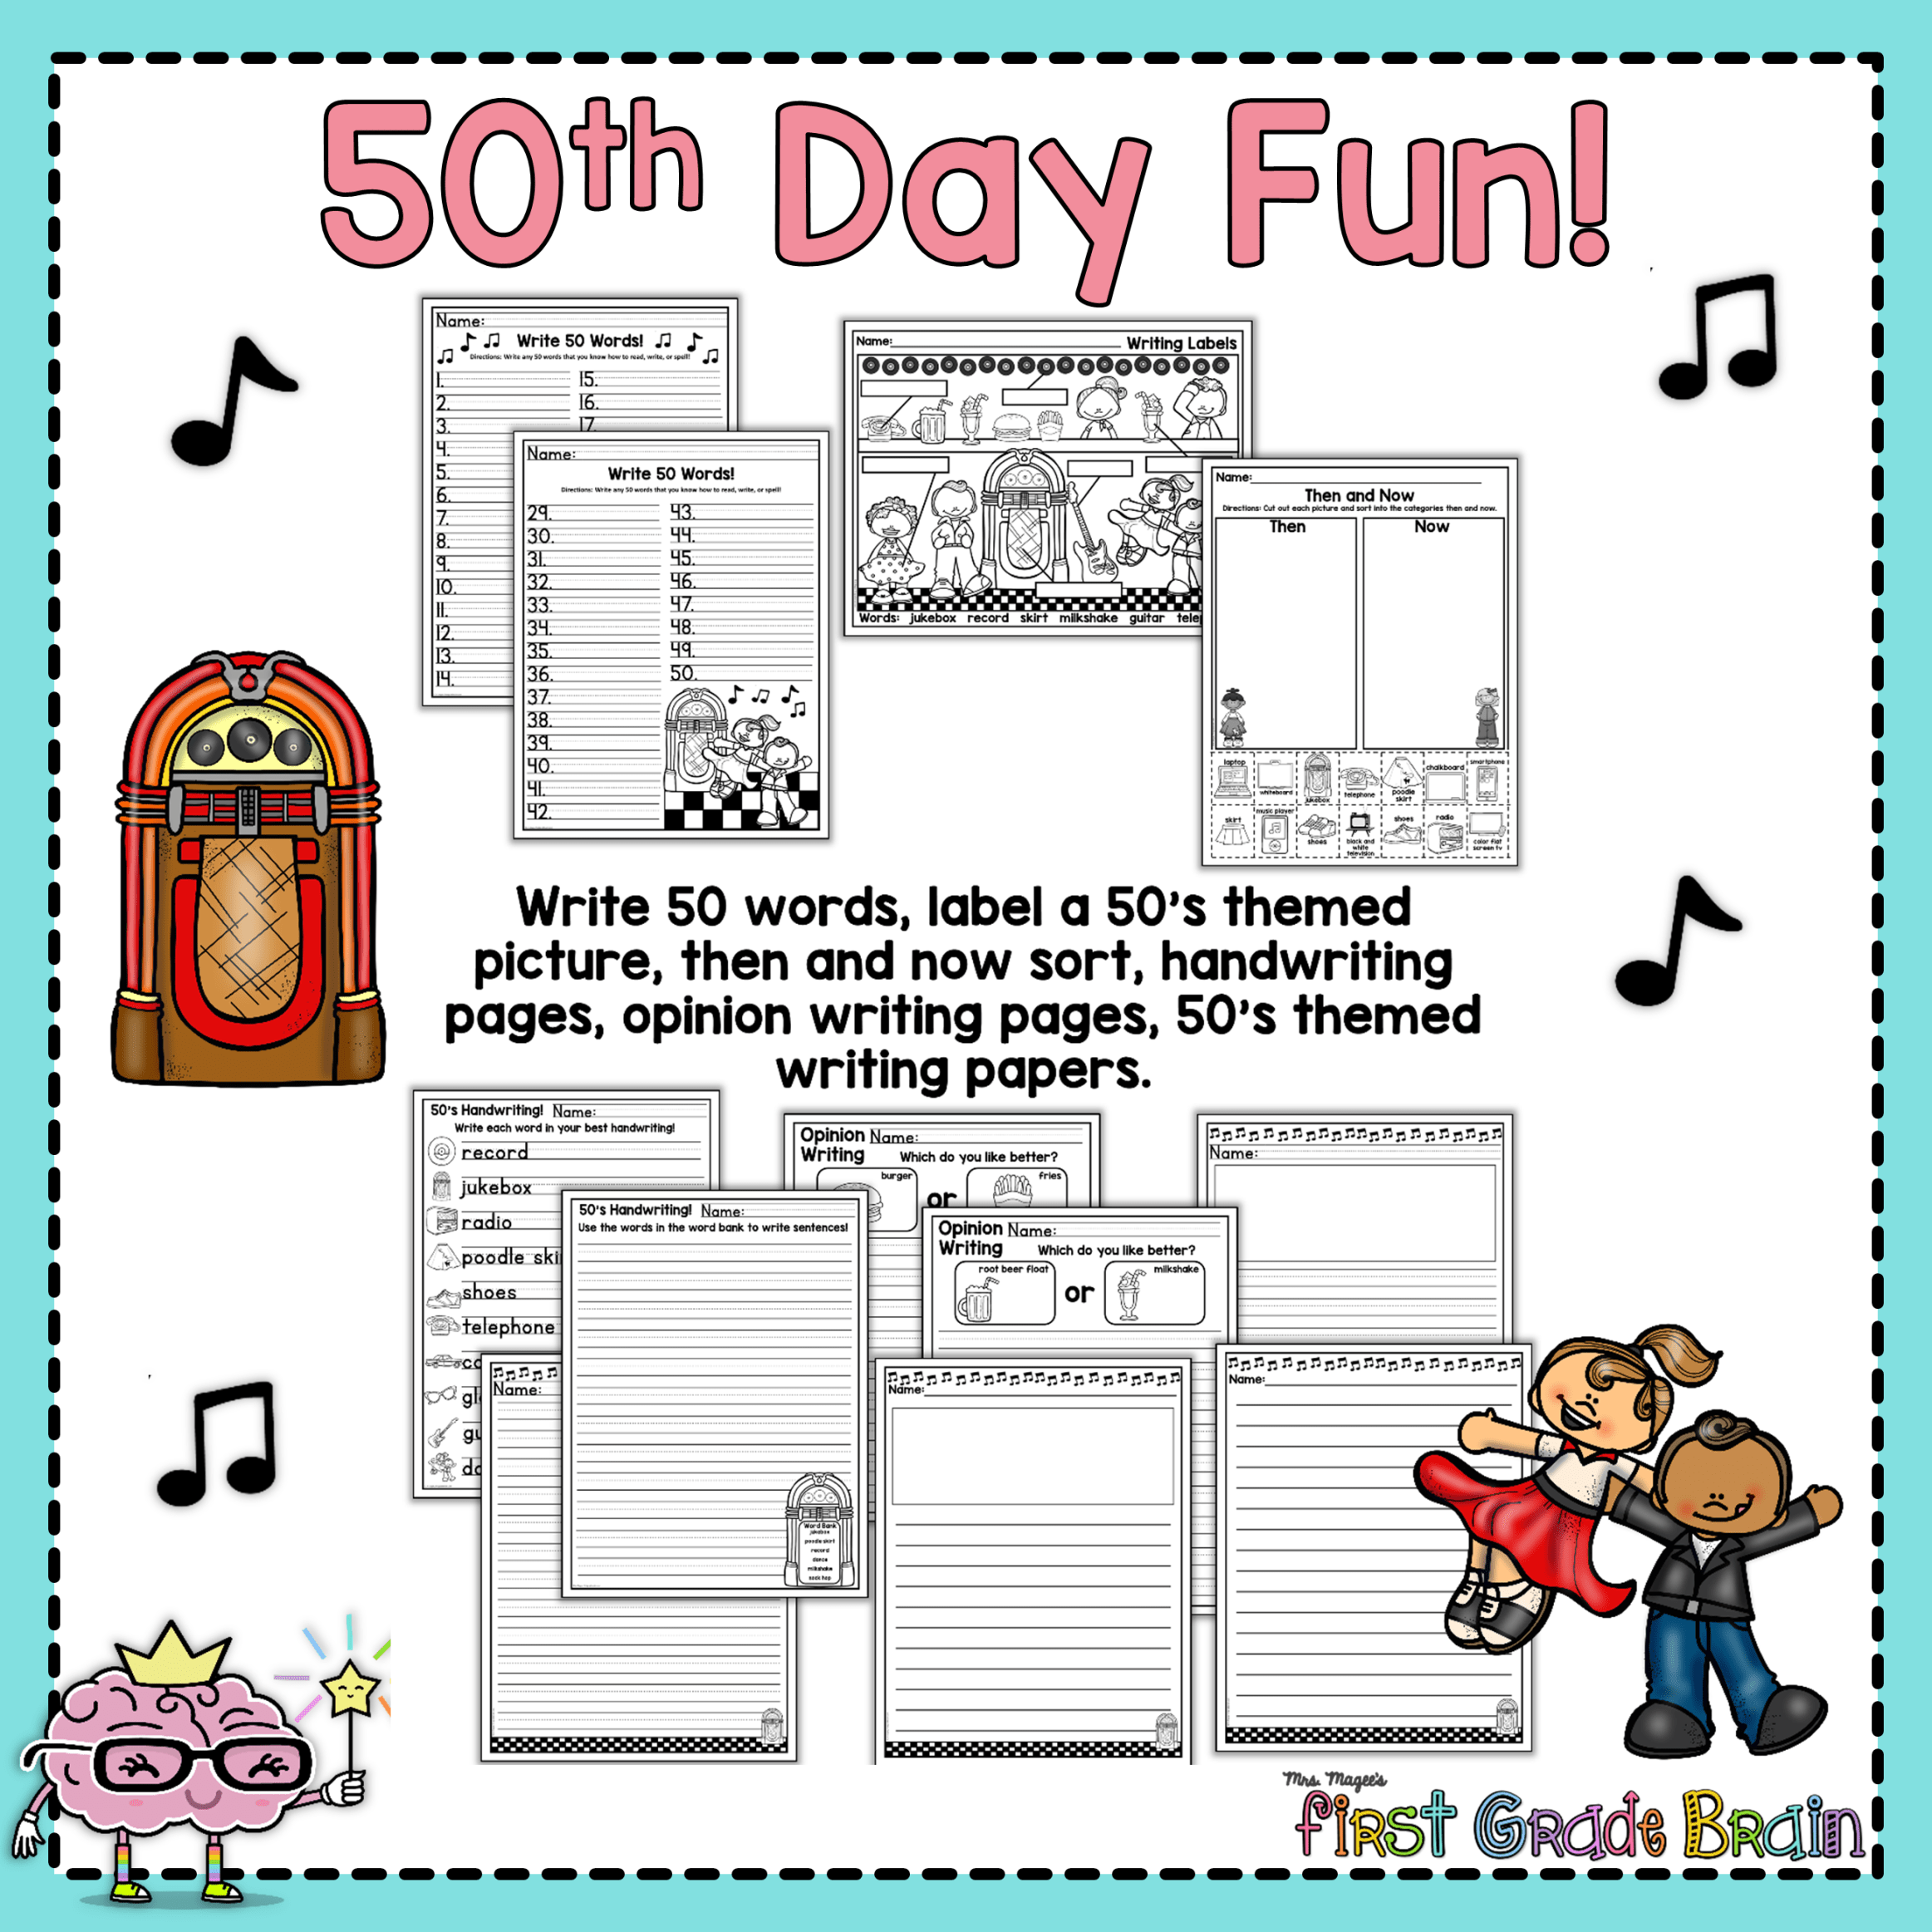 50th Day Fun